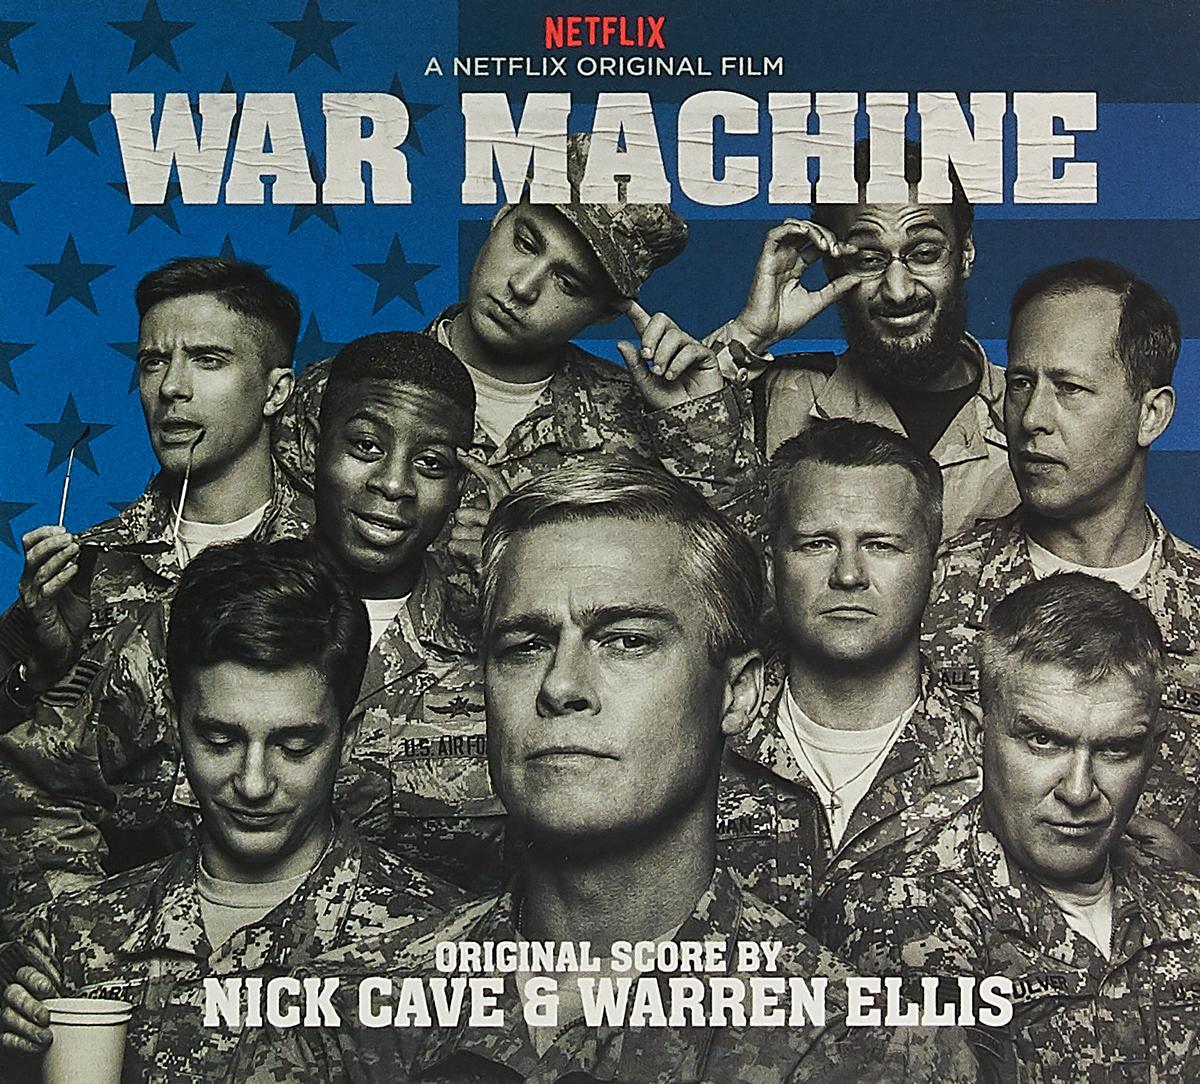 Ник Кейв,Уоррен Эллис Nick Cave & Warren Ellis. War Machine (A Netflix Original Series Soundtrack) (CD) виниловая пластинка nick cave ellis warren kings ost